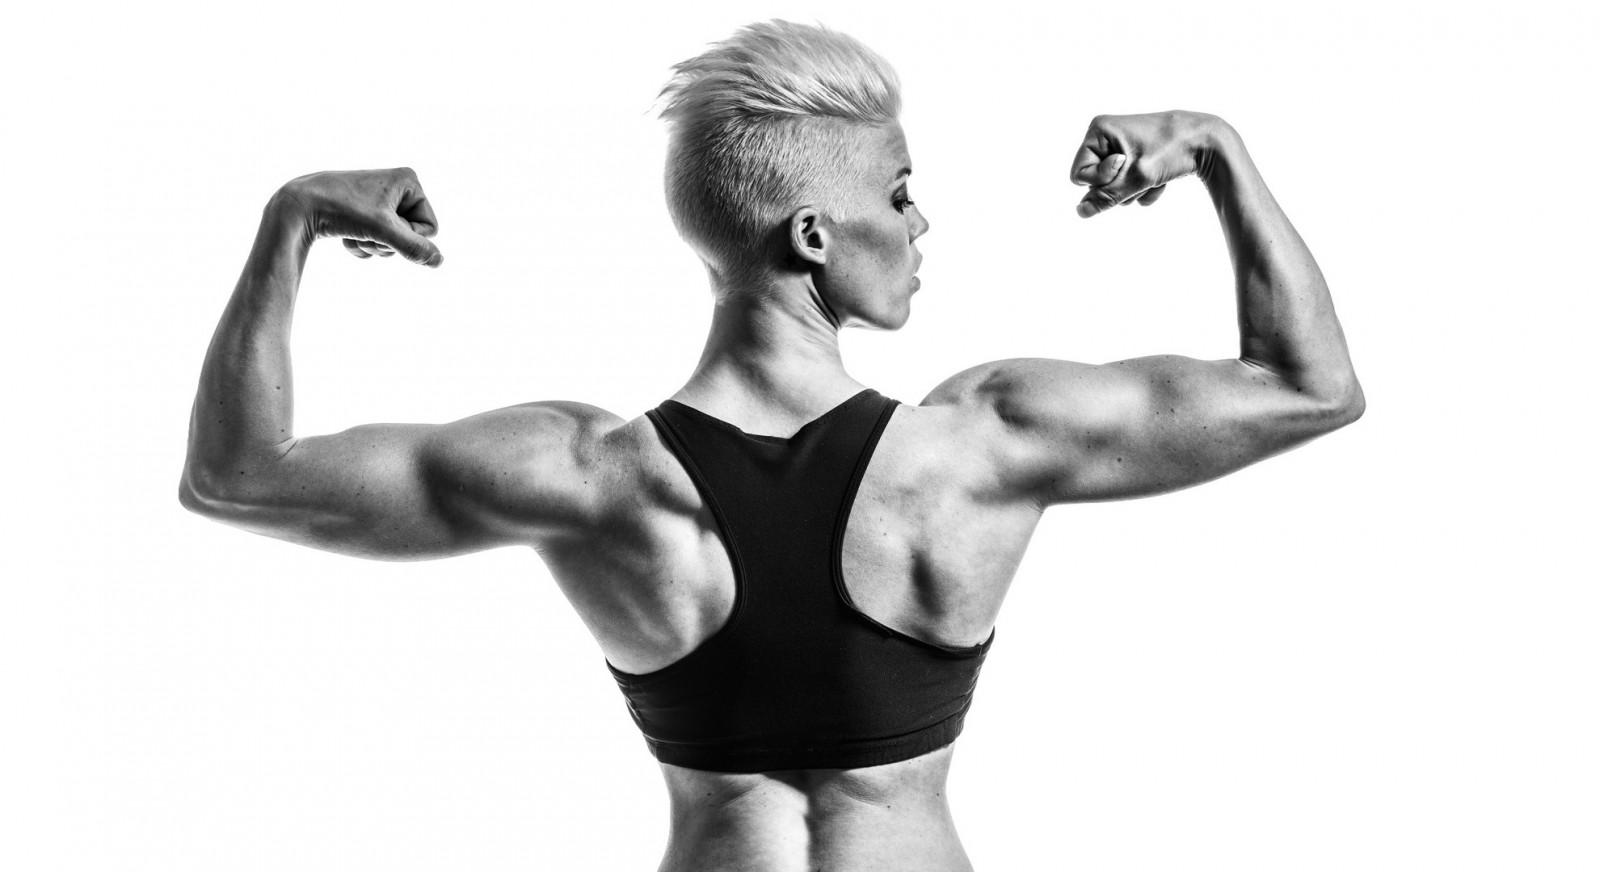 デスクトップ壁紙 女性 モノクロ ショートヘア 筋肉